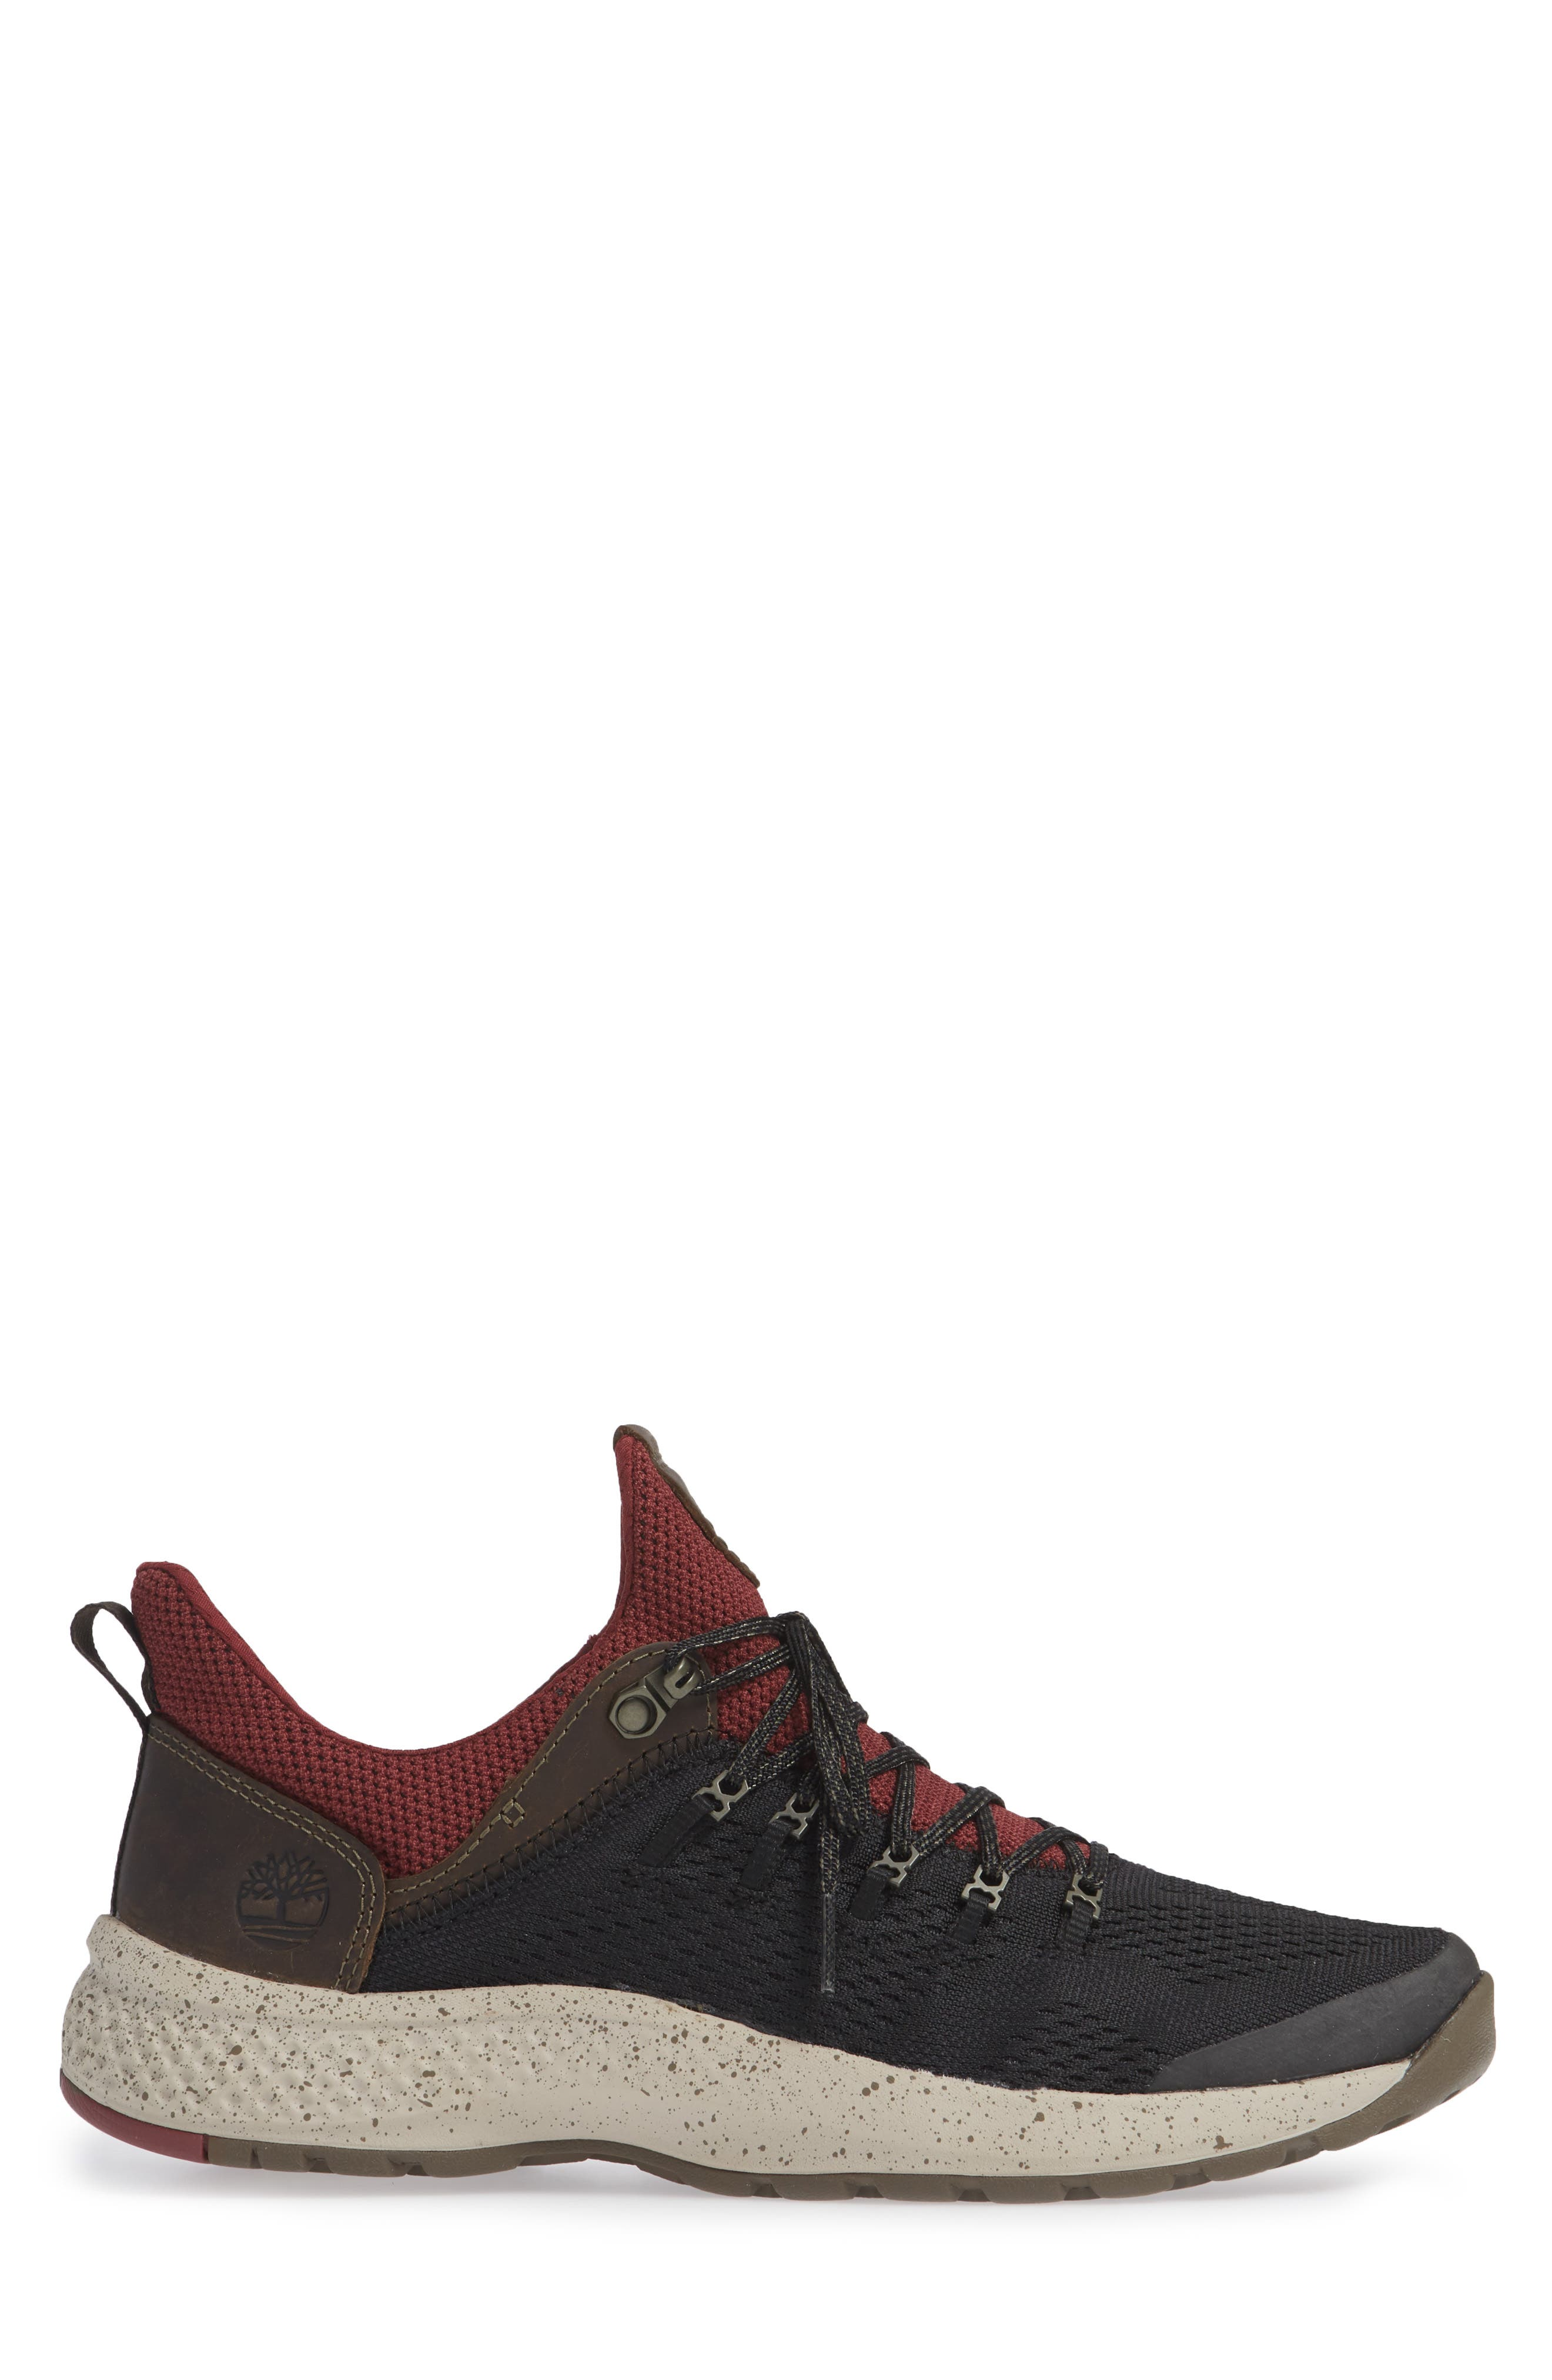 FlyRoam Trail Sneaker,                             Alternate thumbnail 3, color,                             BLACK/ BURGUNDY